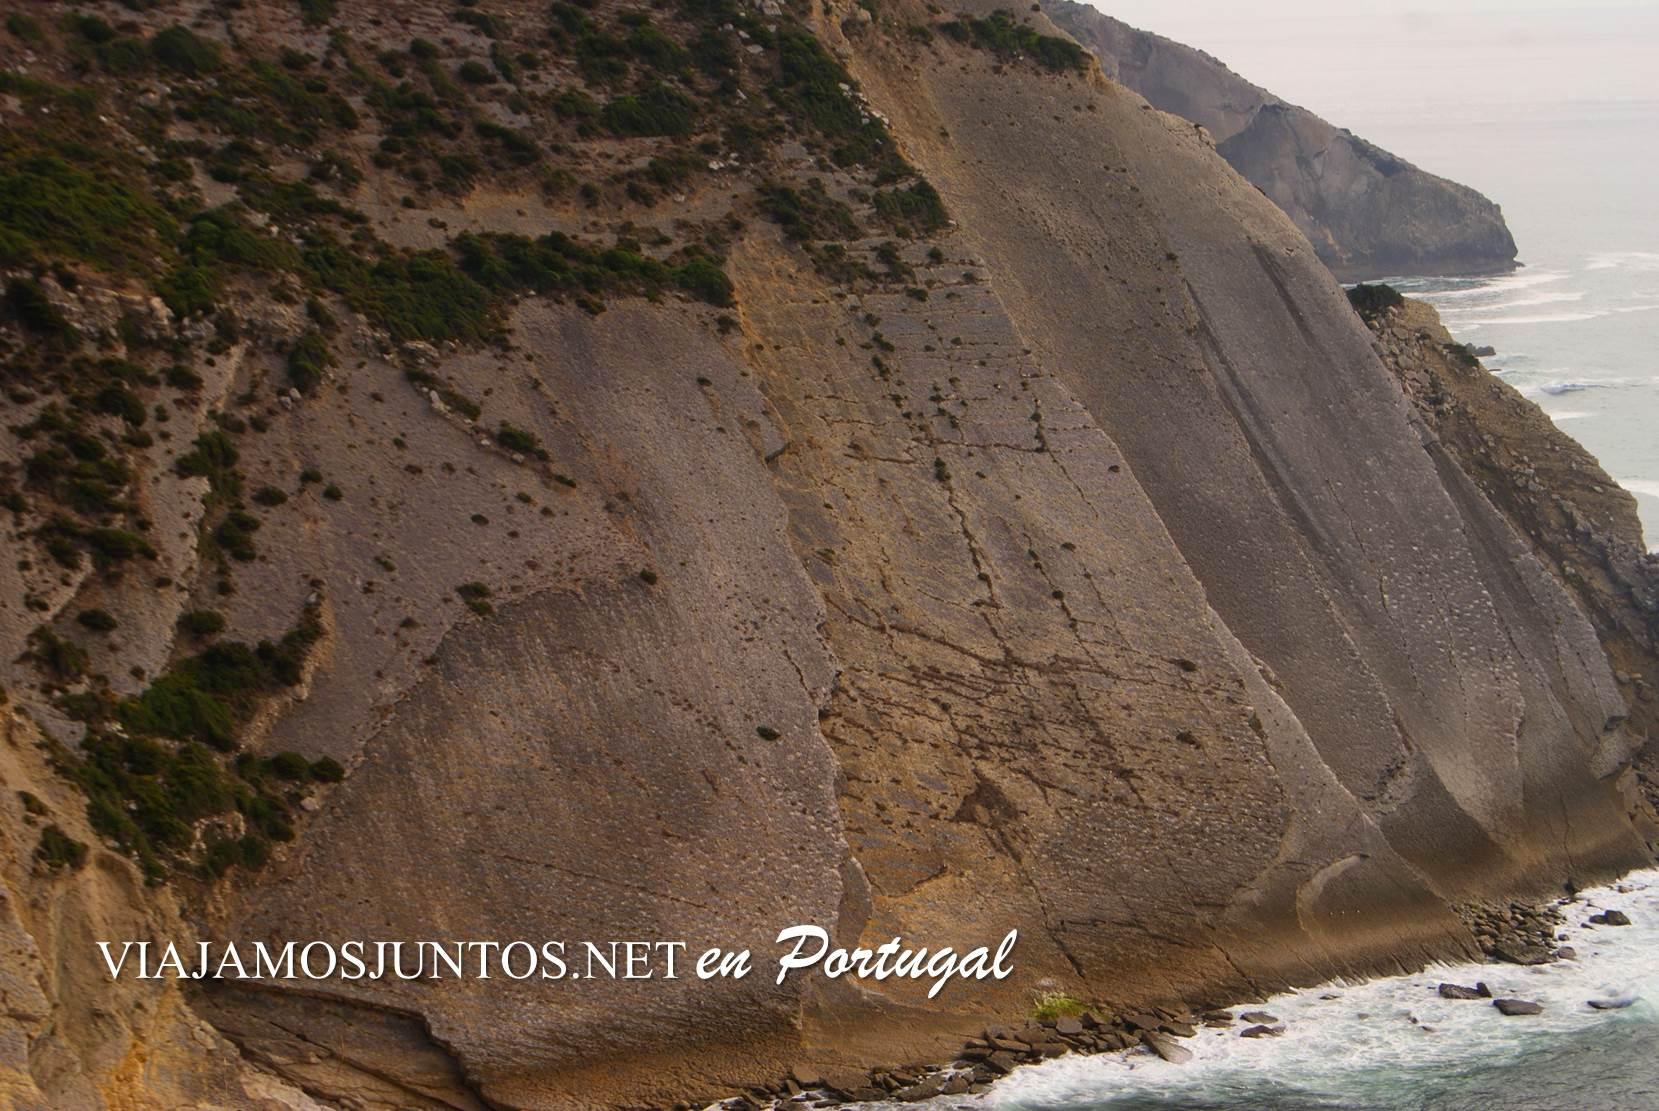 Las huellas de los dinosaurios en los acantilados del Cabo Espichel, Portugal